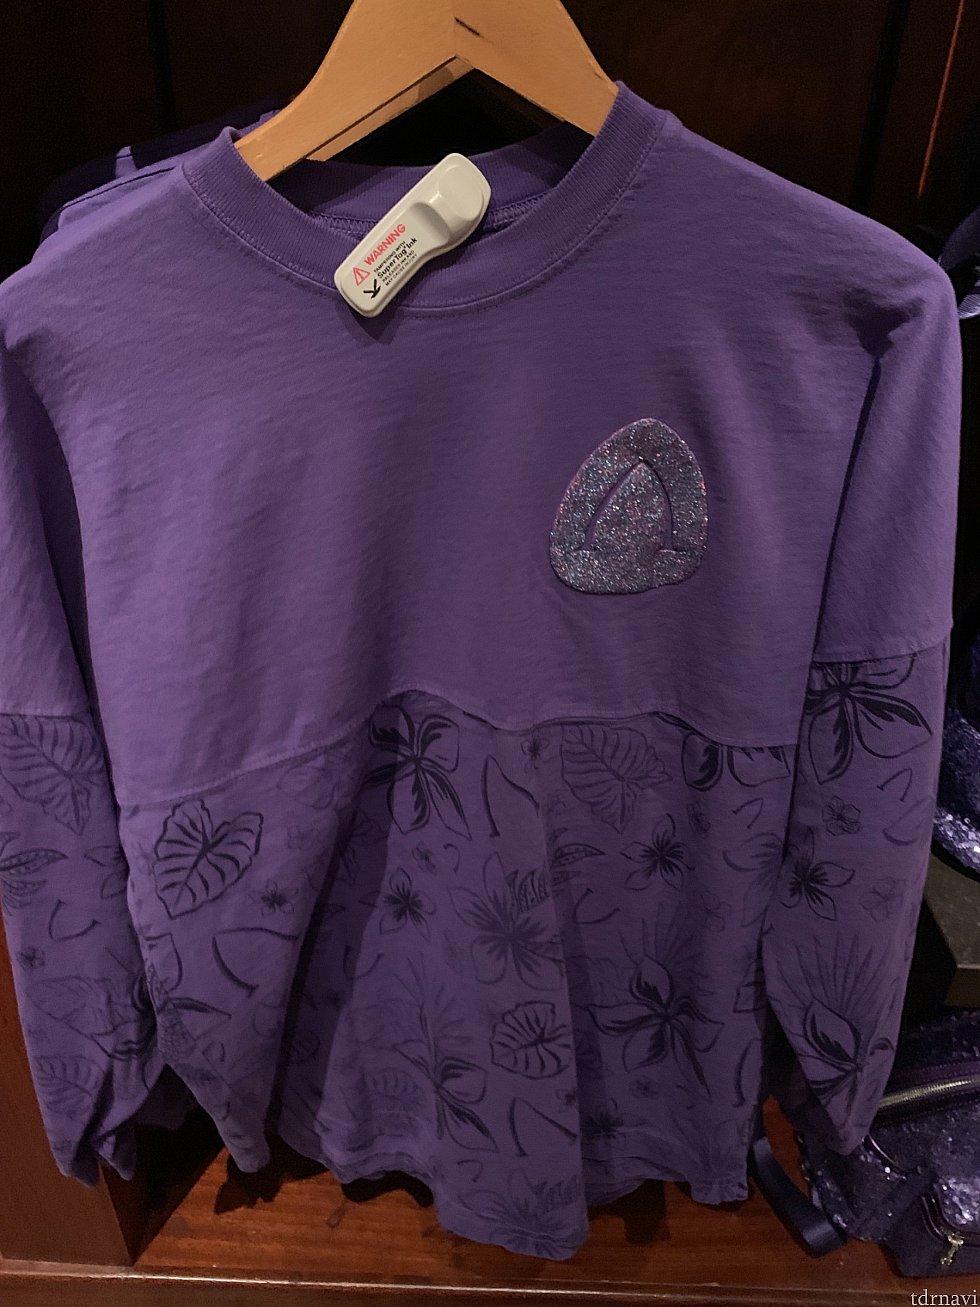 柄もさりげなく入っててかわいい! 紫スパンコールカチューシャも売ってるので合わせられます。